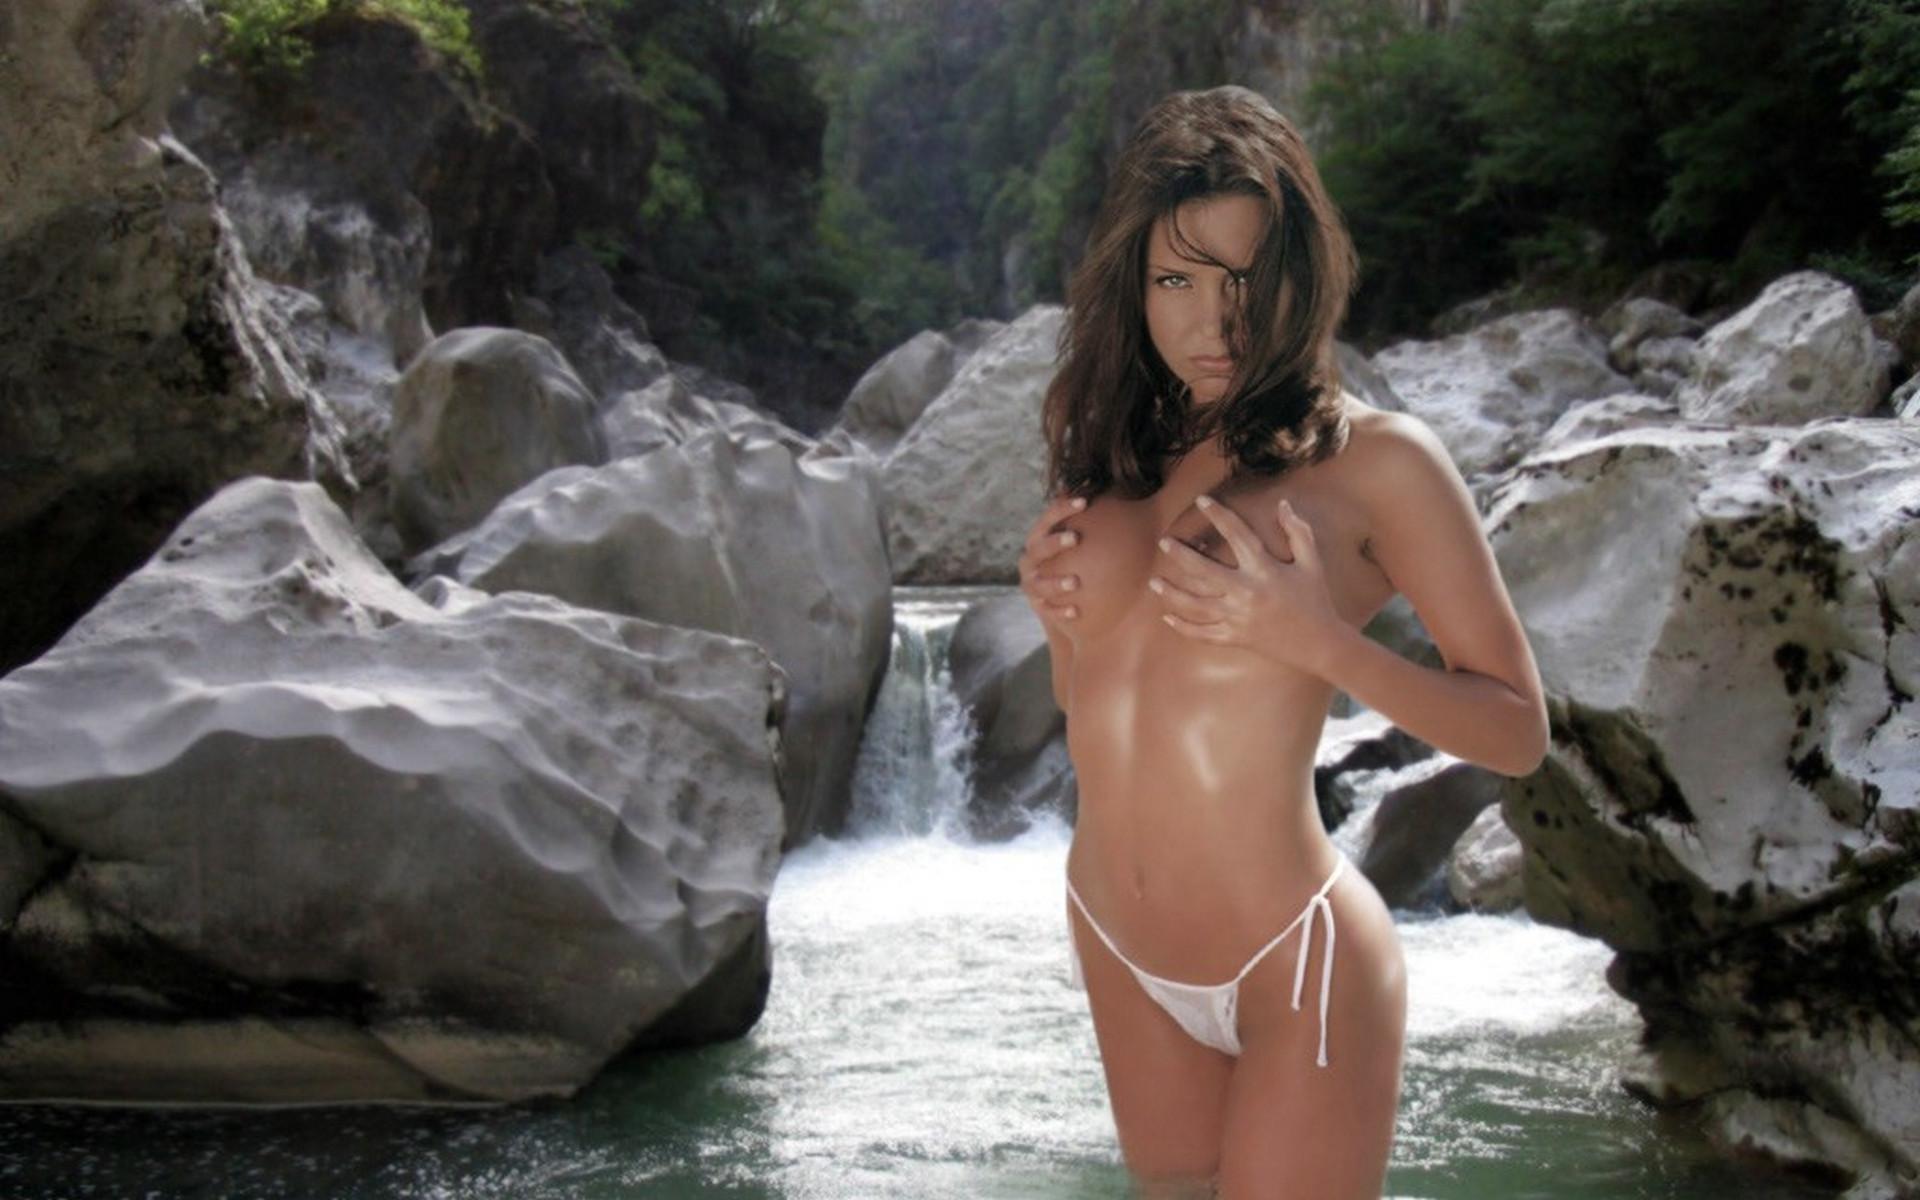 Смотреть самые сексуальные ролики 17 фотография